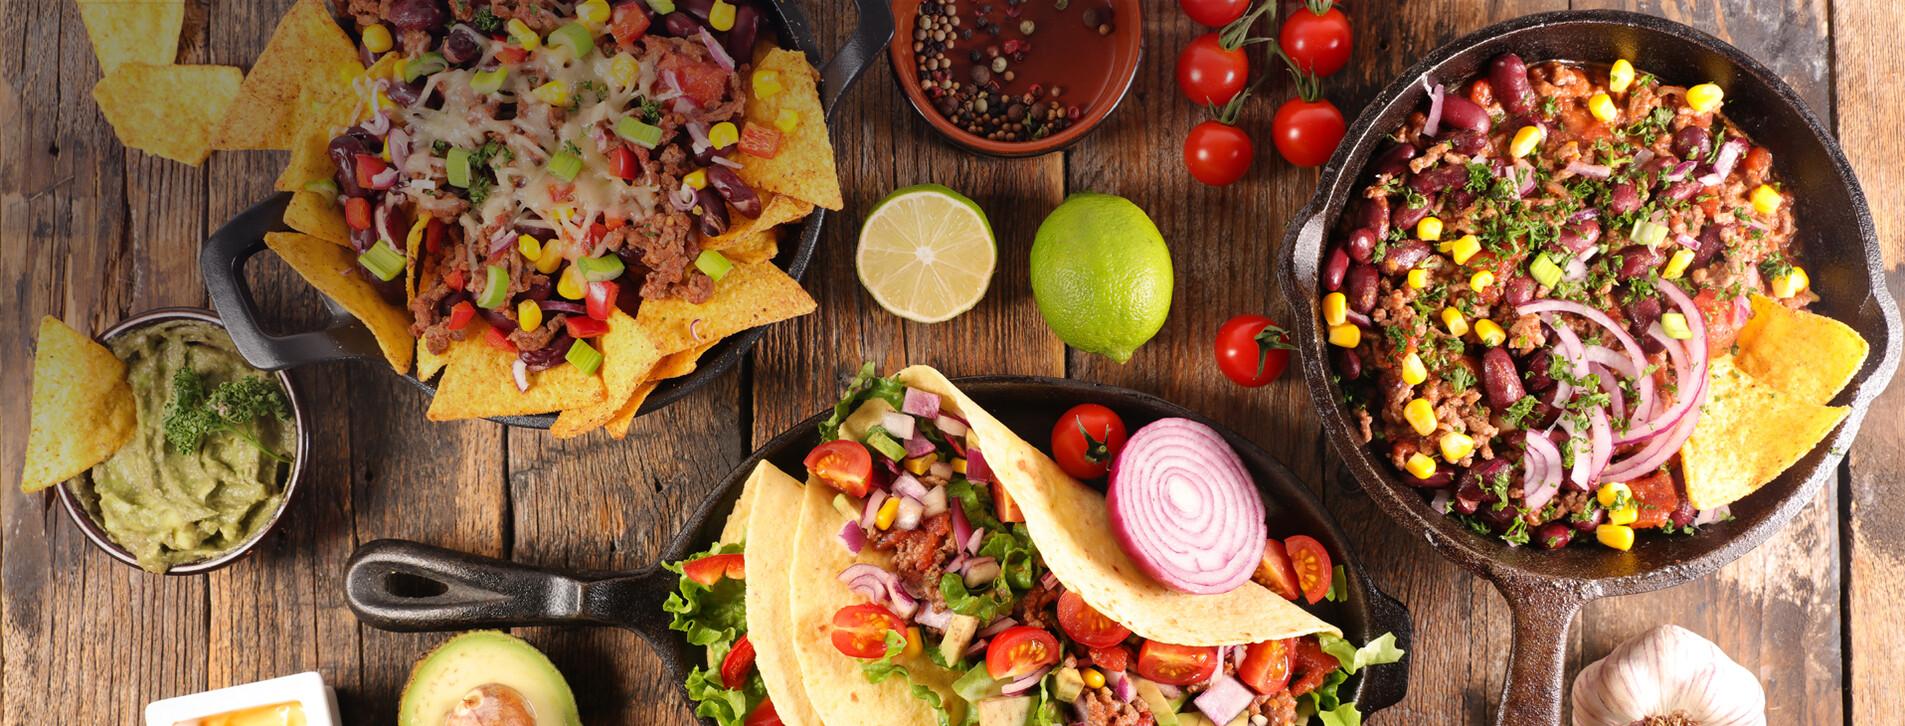 Фото 1 - Ужин в мексиканском ресторане